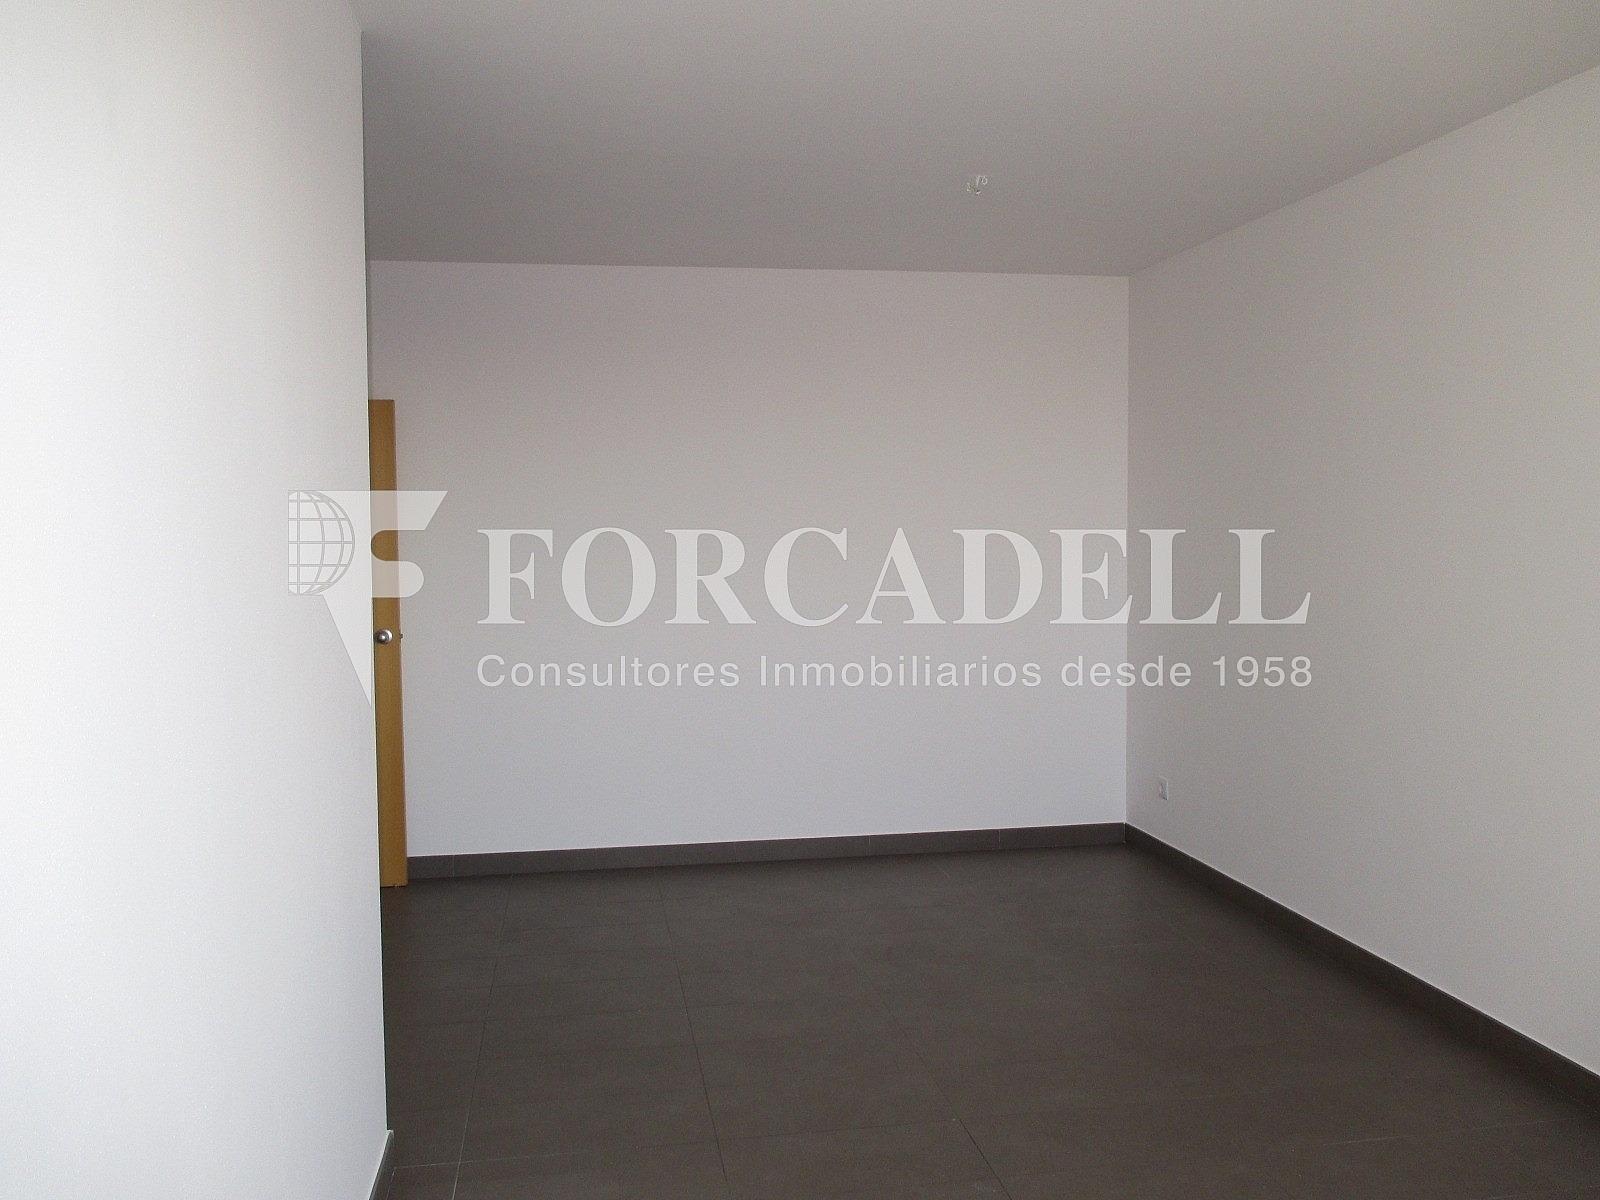 IMG_2690 - Piso en alquiler en calle Merce Rodoreda, Can clota en Esplugues de Llobregat - 331432110